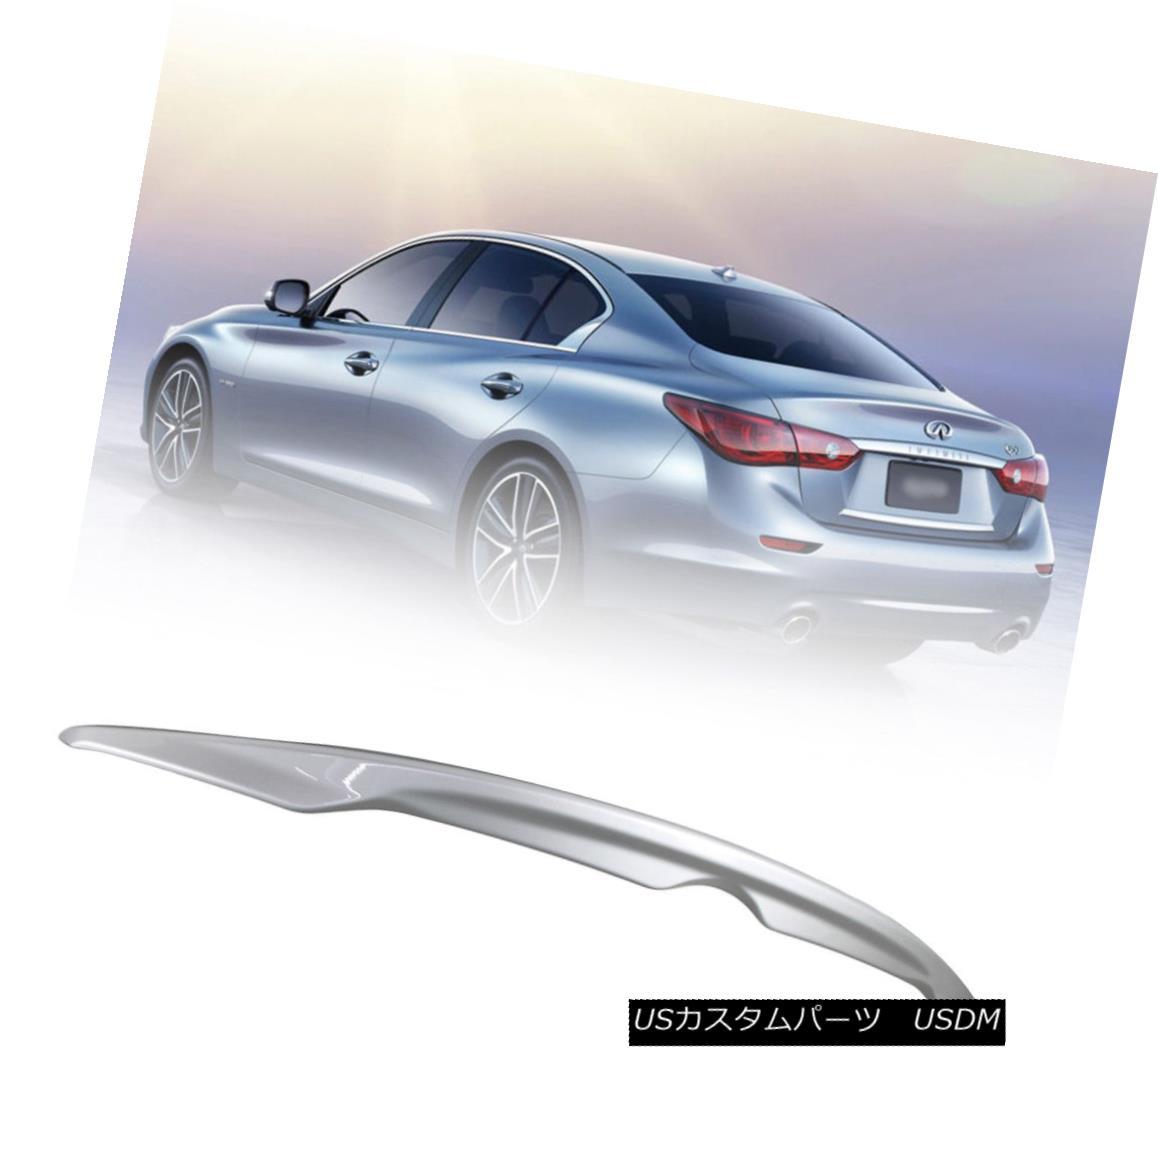 エアロパーツ Painted #K23 OE Style For INFINITI Q50 Sport 4DR Sedan Trunk Spoiler 16 17 18 塗装済み#K23 OEスタイルINFINITI Q50スポーツ用4DRセダントランクスポイラー16 17 18